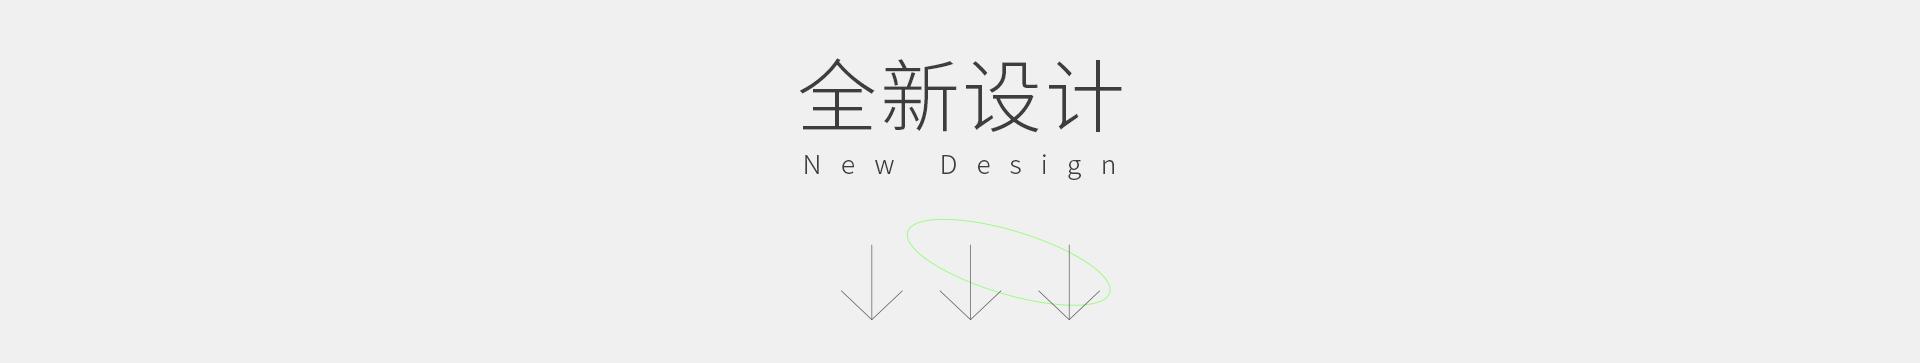 国内网站中文_09